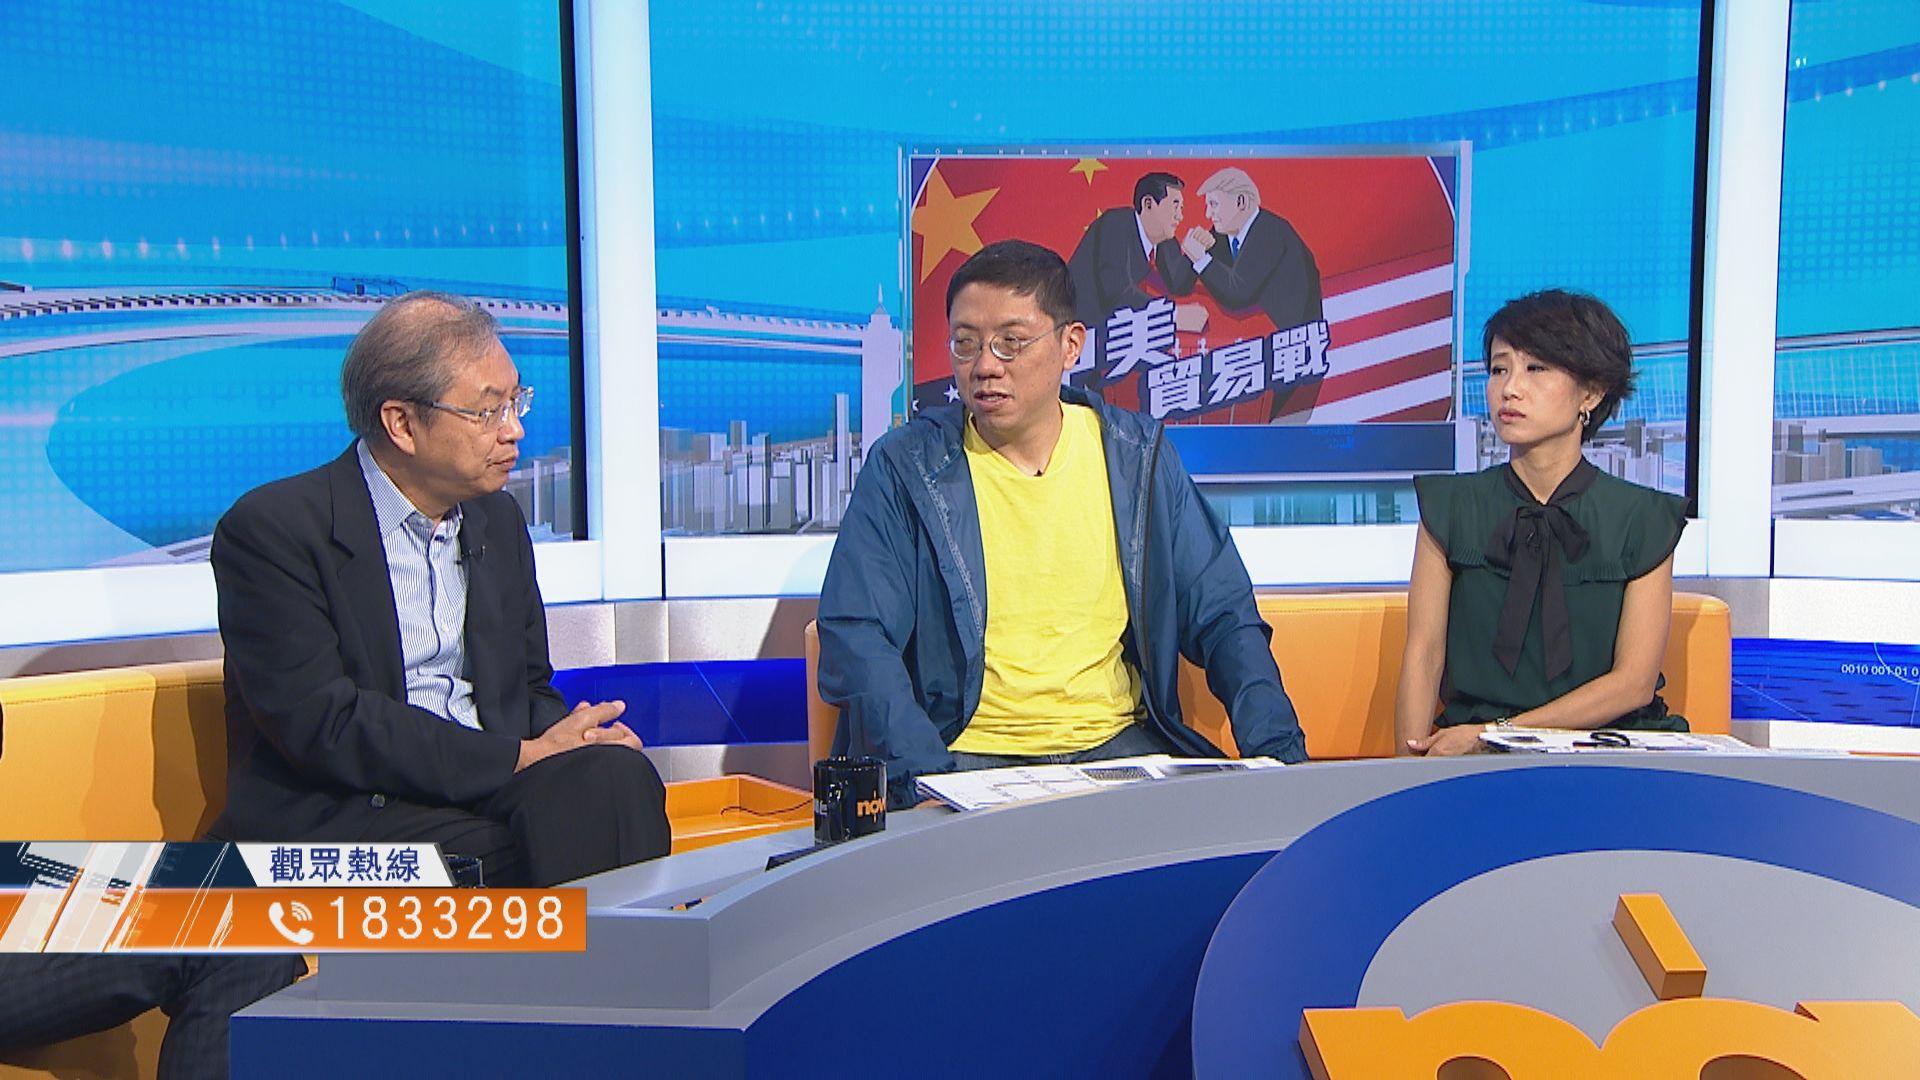 【時事全方位】美國封殺中國科技公司影響(三)